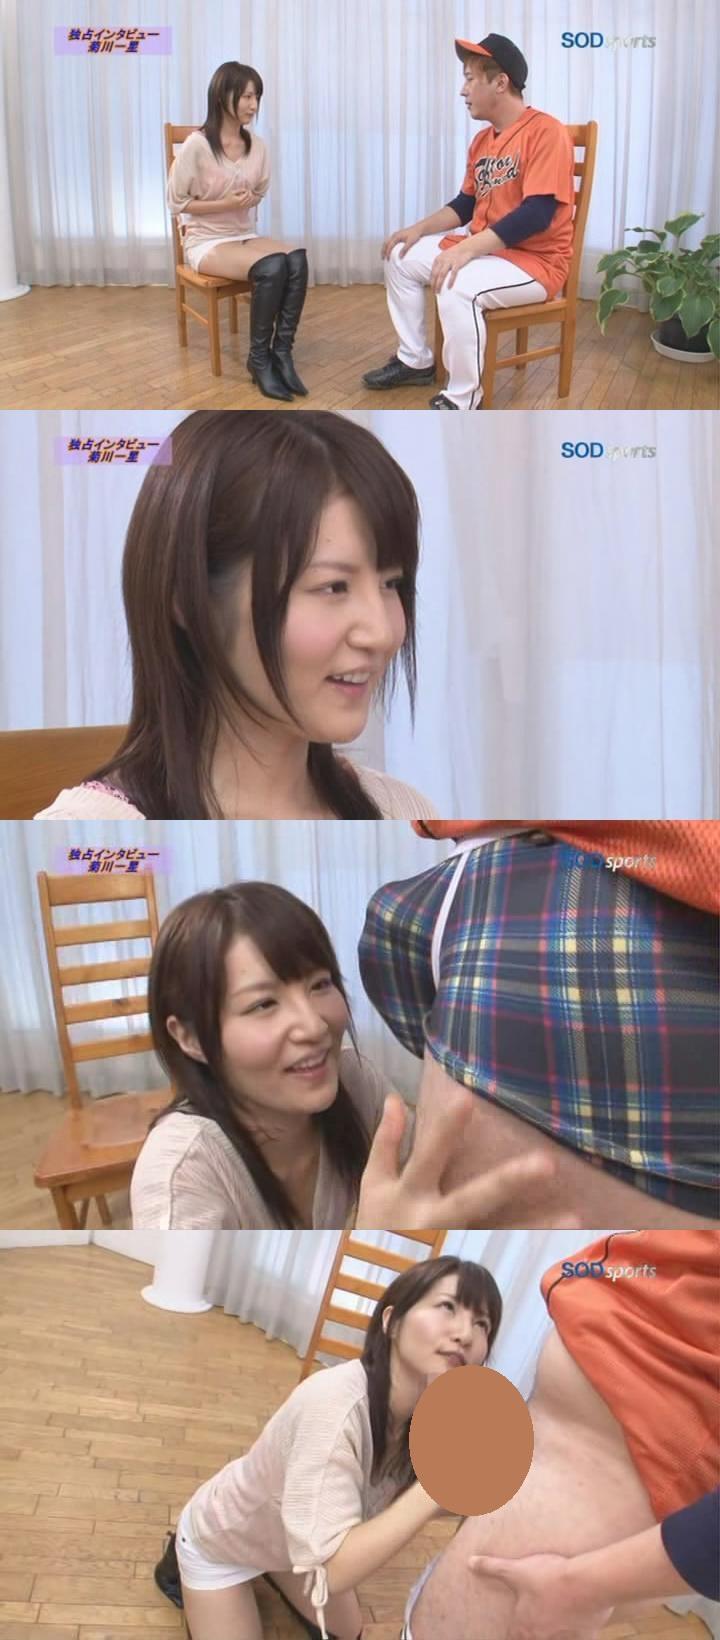 平井理央にそっくりAV女優のAVキャプチャ画像